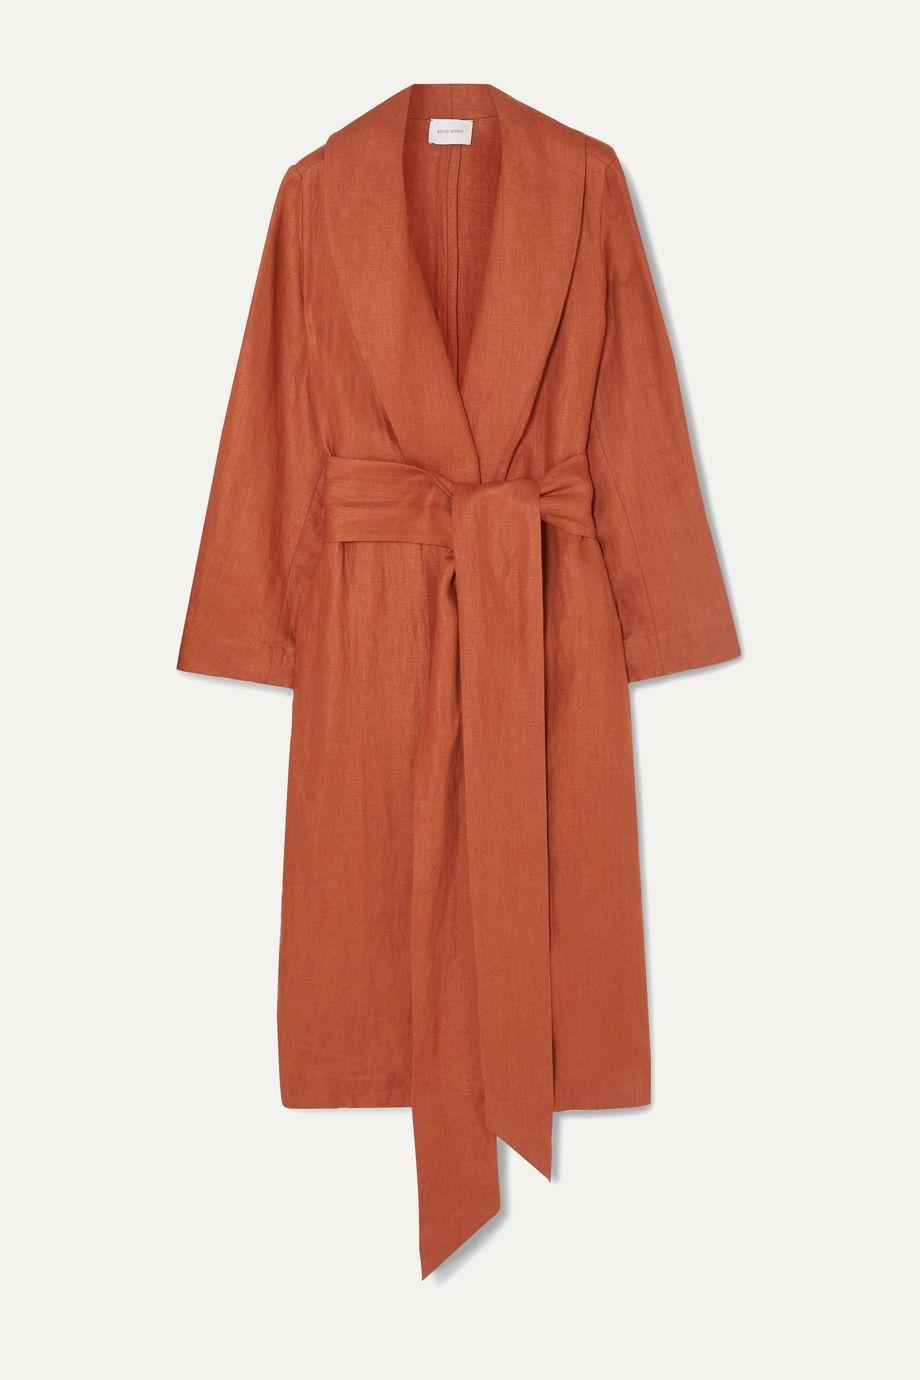 BONDI BORN + NET SUSTAIN Universal linen-twill coat